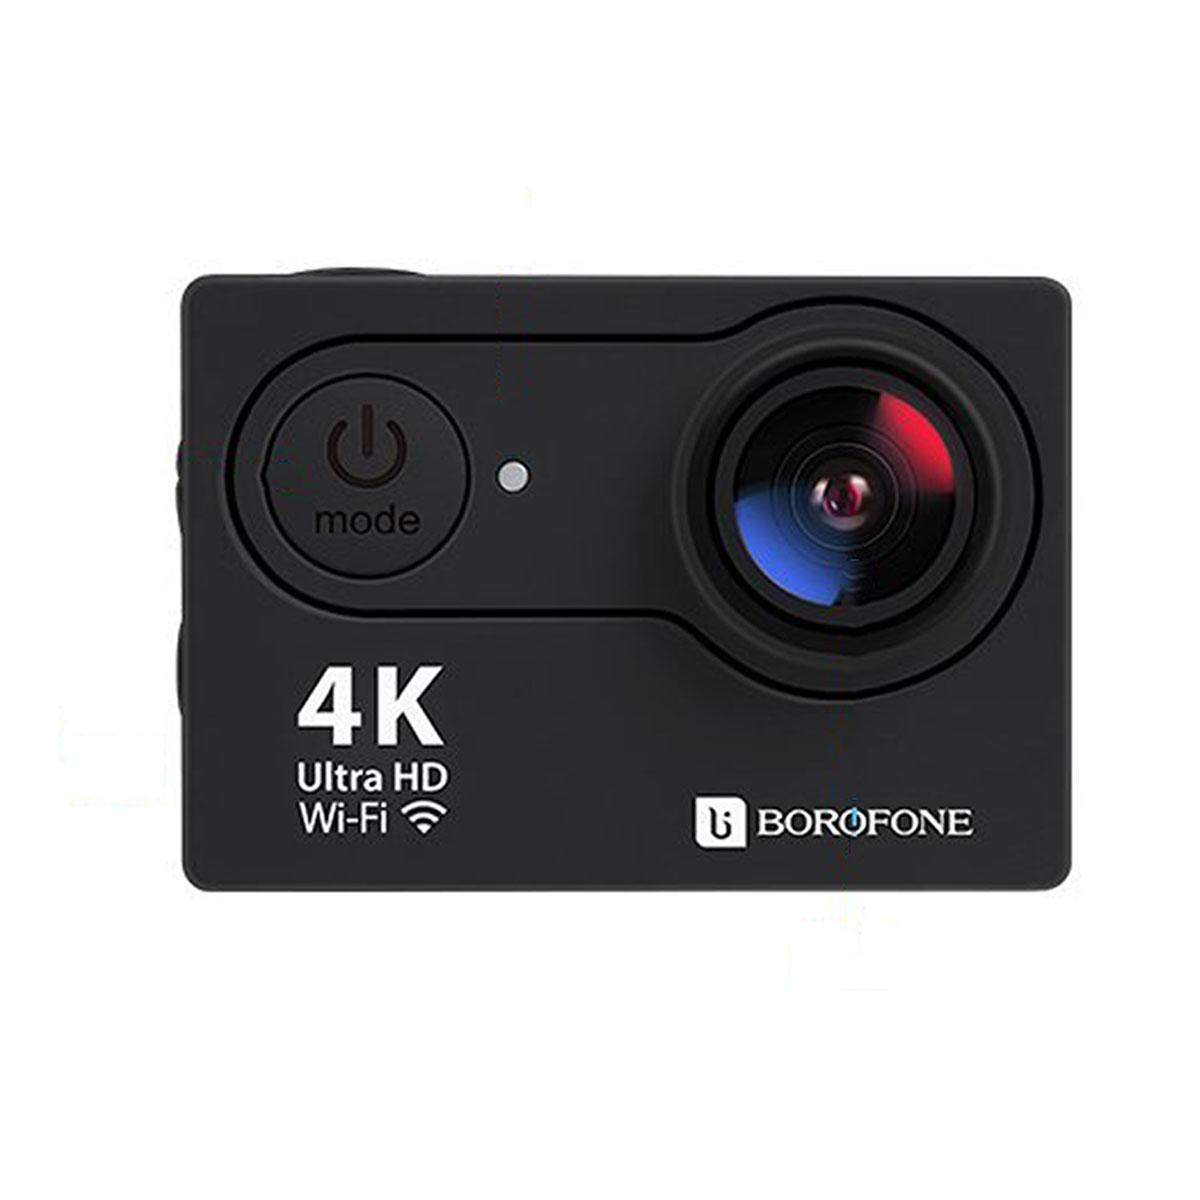 بوروفون- بي دي 1 اكشن كاميرا 4 كيه واي فاي 12 ميجا بيكسل-اسود